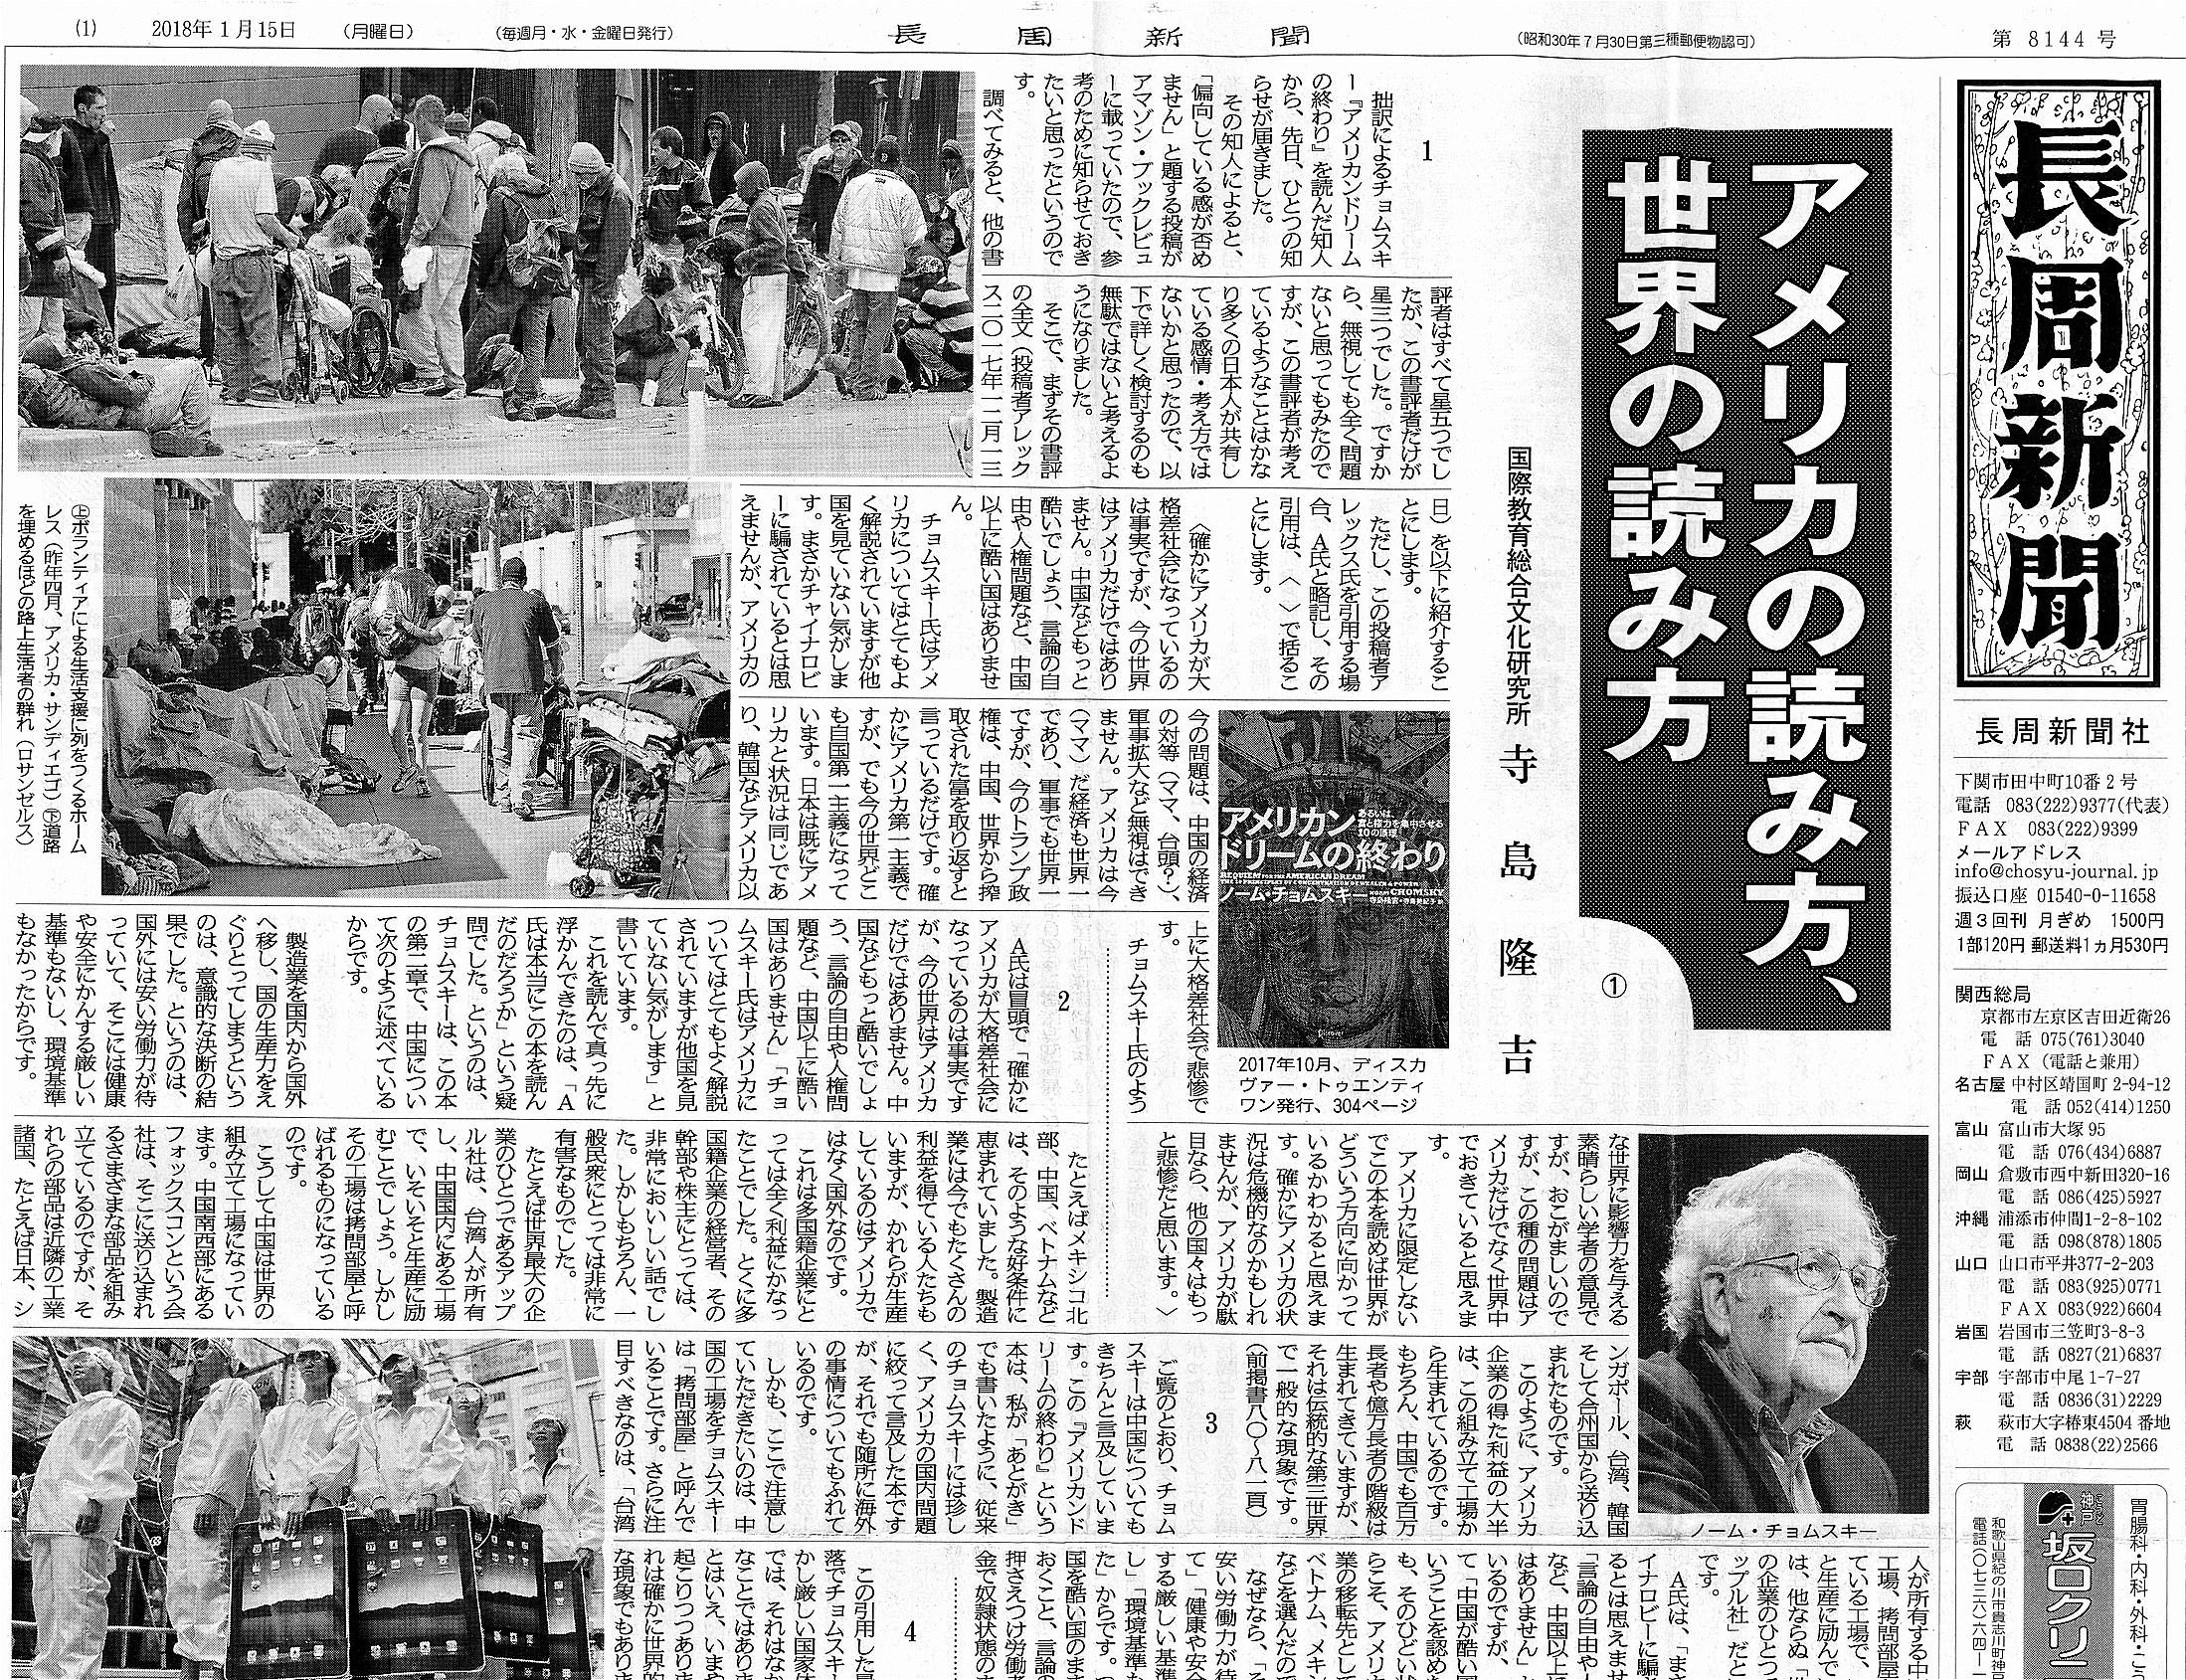 s-長周新聞20180115 「アメリカの読み方、世界の読み方」 1-1